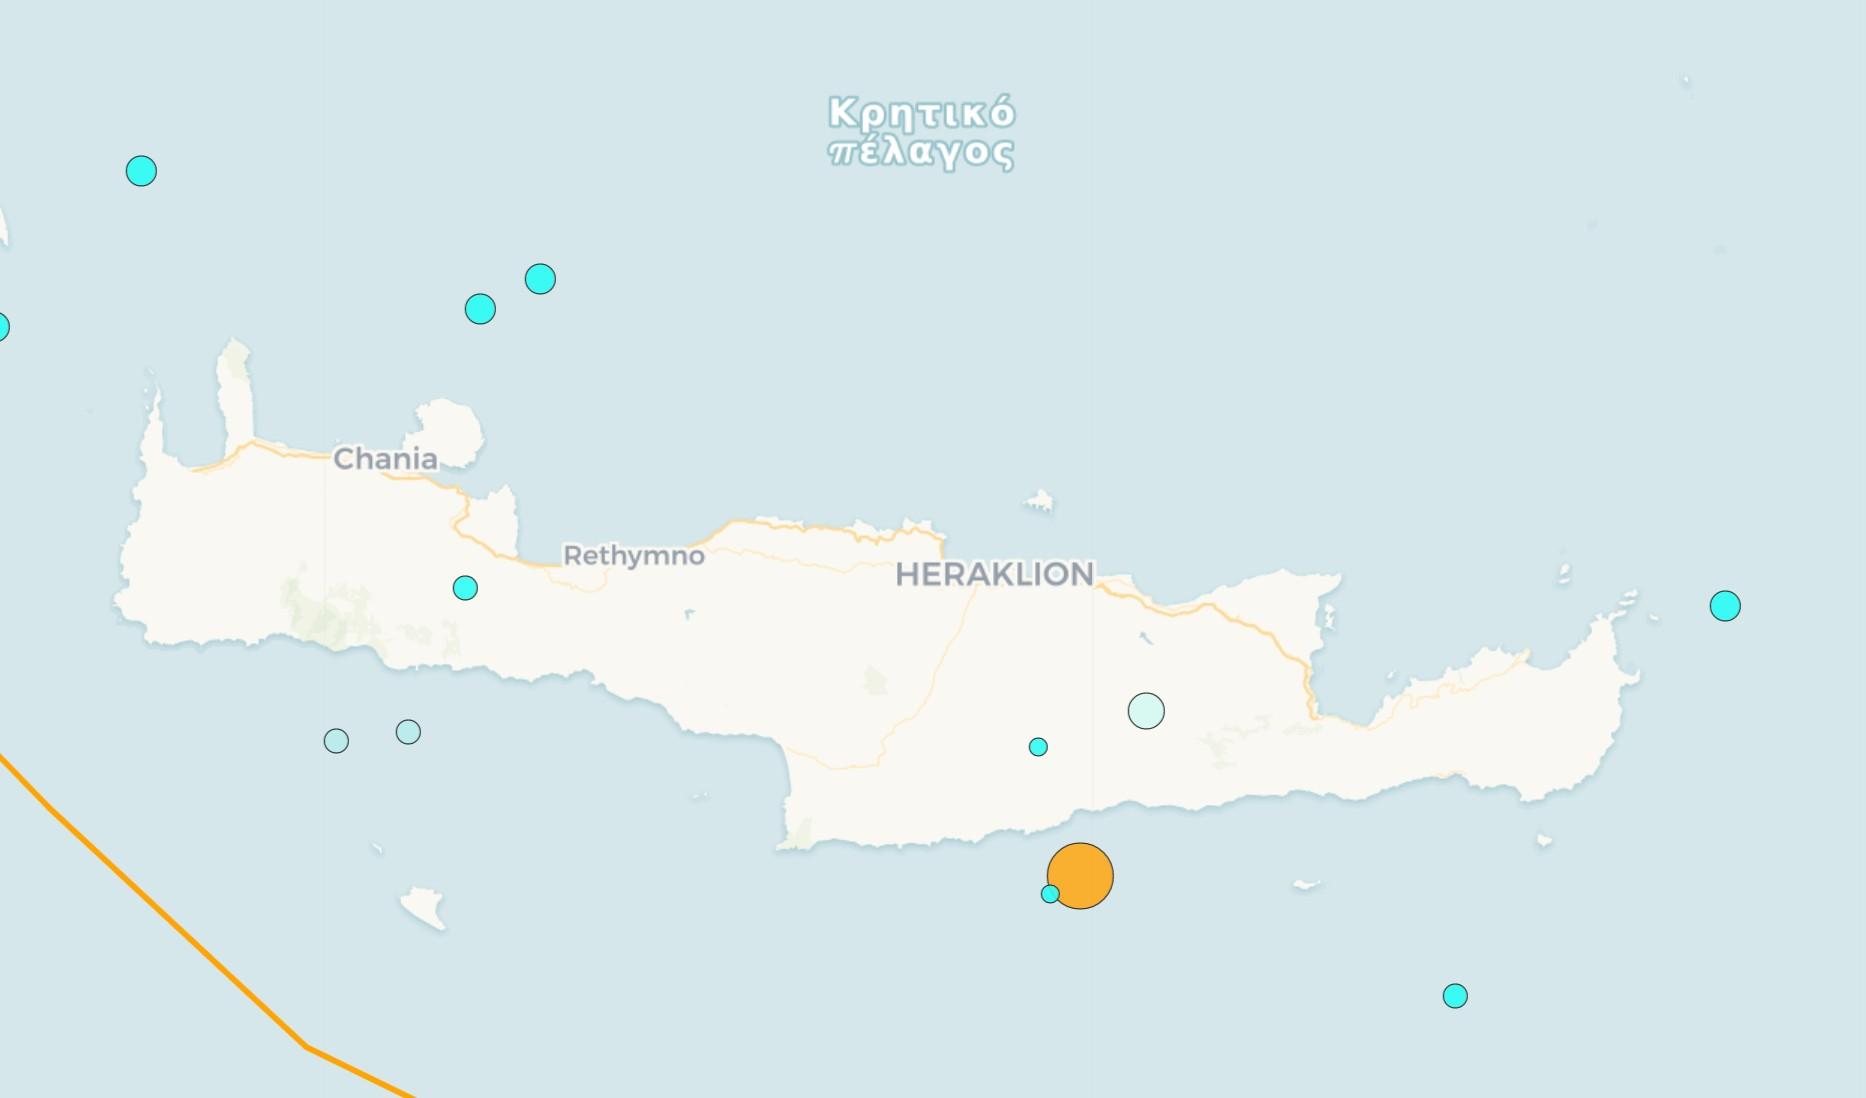 Κρήτη: Ισχυρός σεισμός νότια της Κρήτης